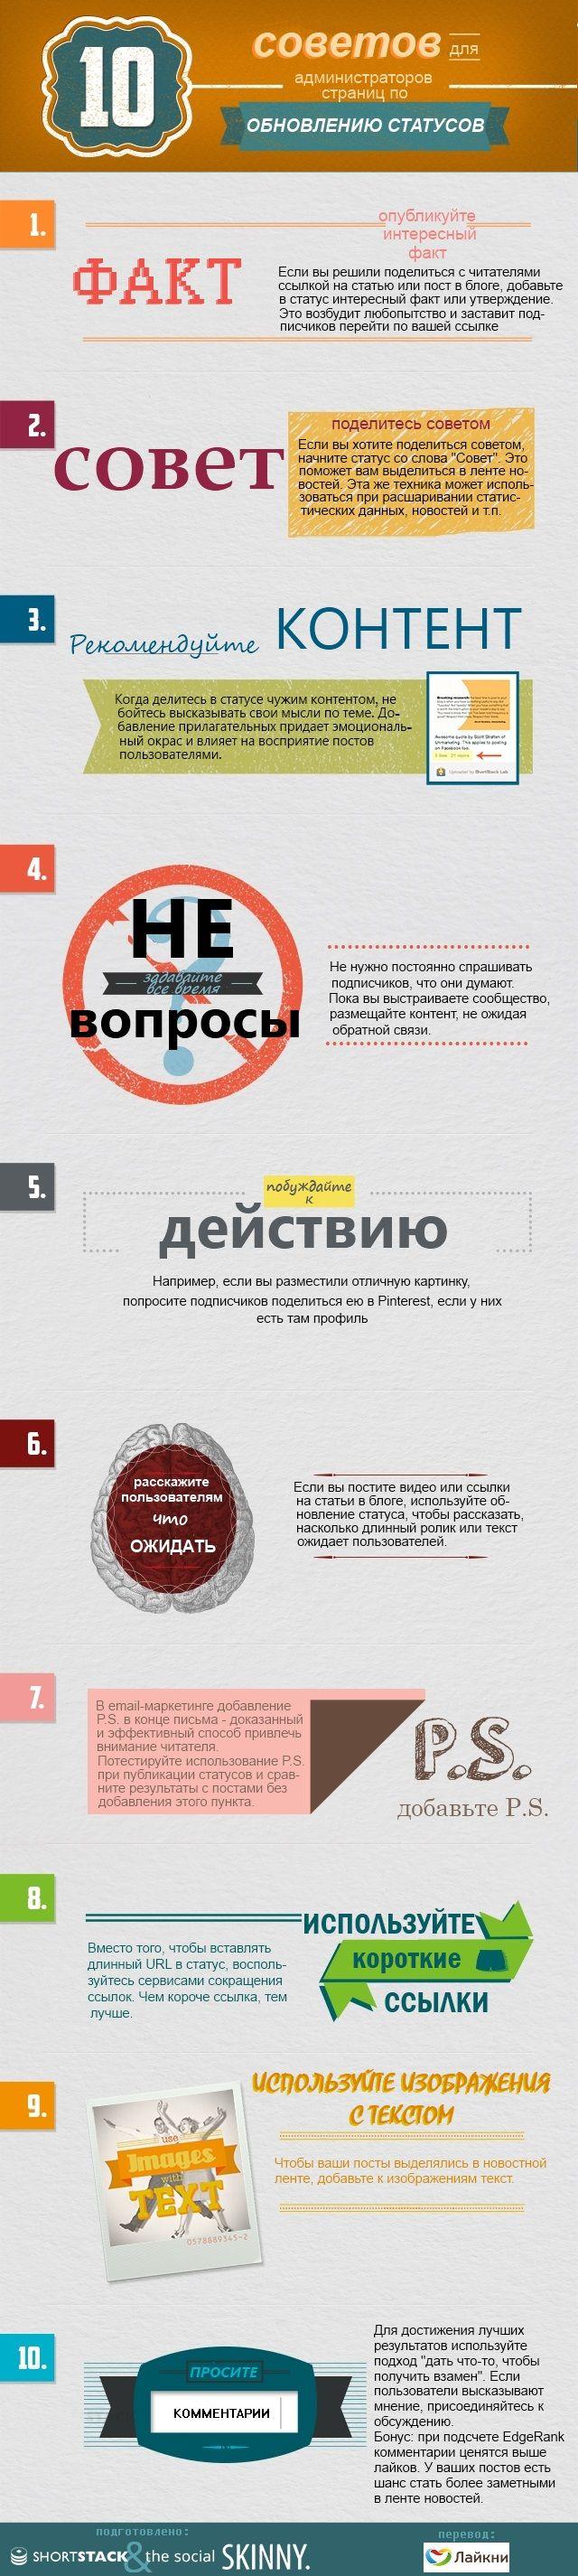 10 советов по обновлению статусов в соц. сетях